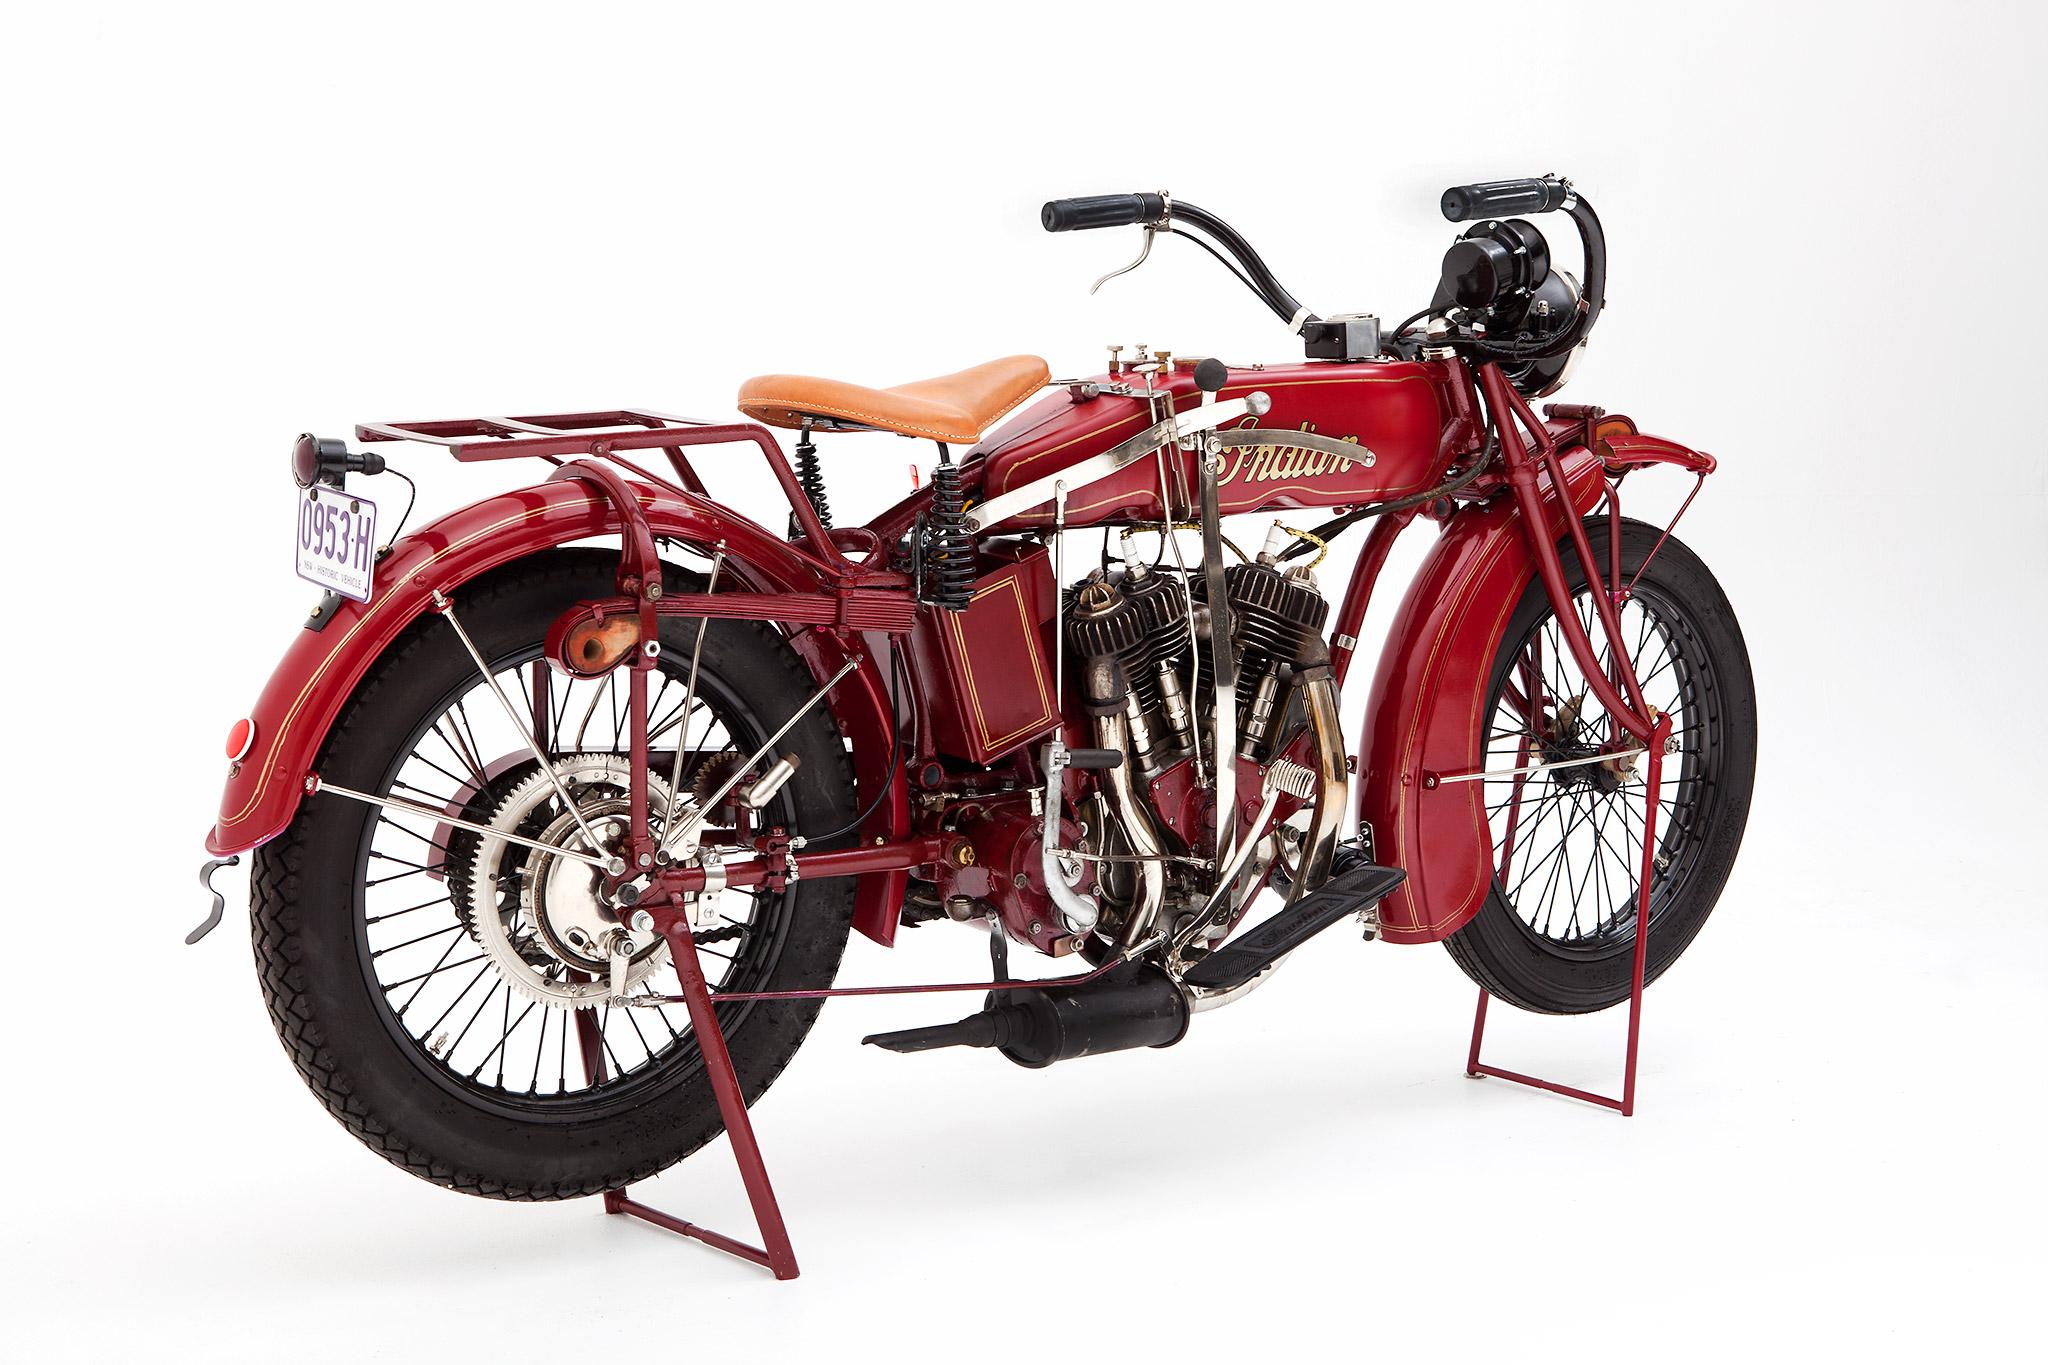 0102_Motorcycles_0057.jpg